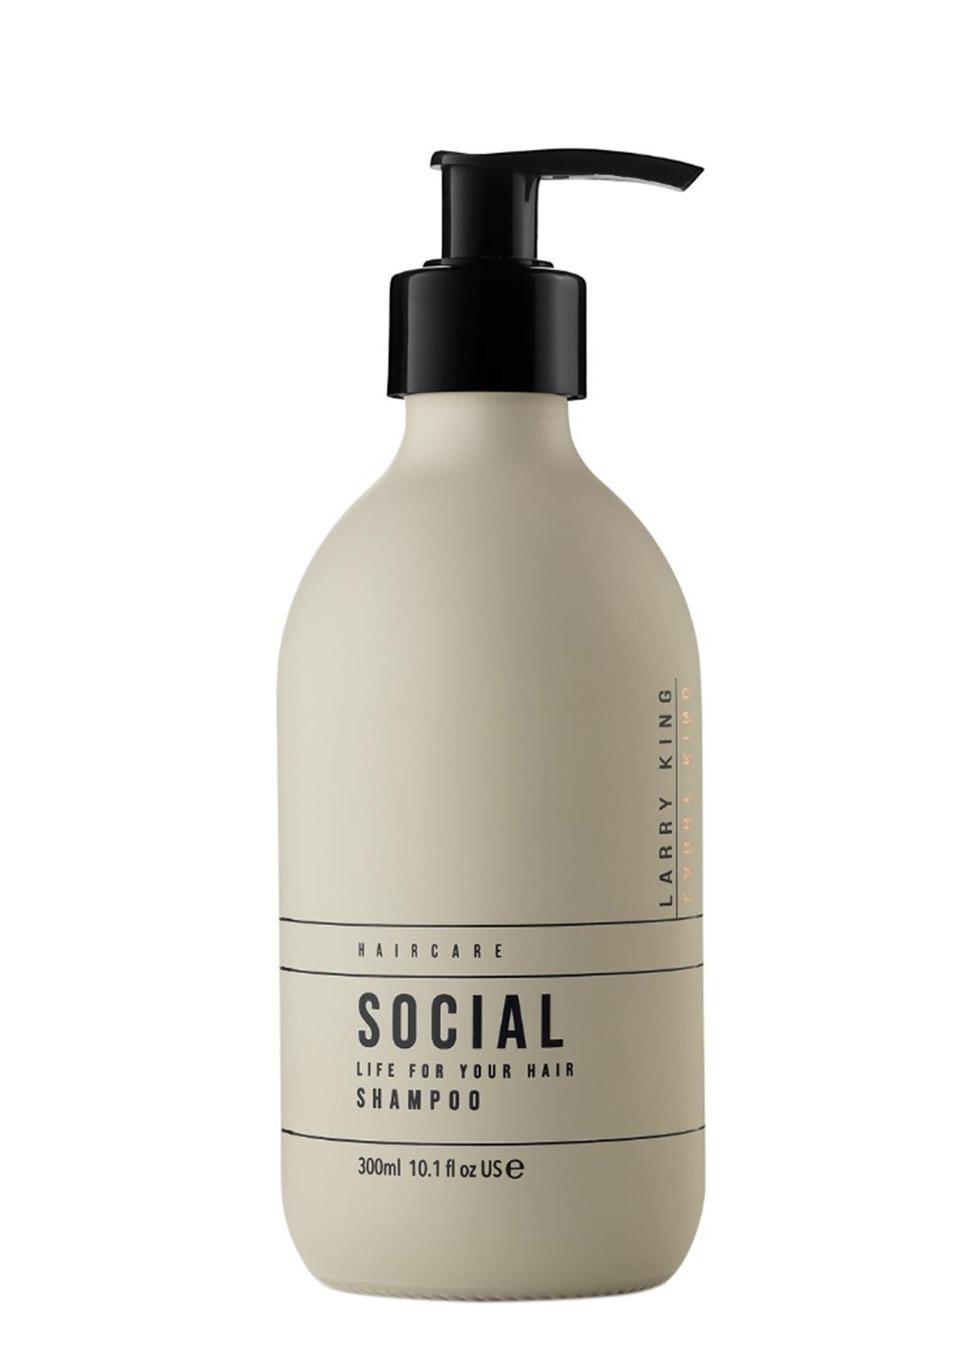 Social Life Shampoo Bottle 300ml